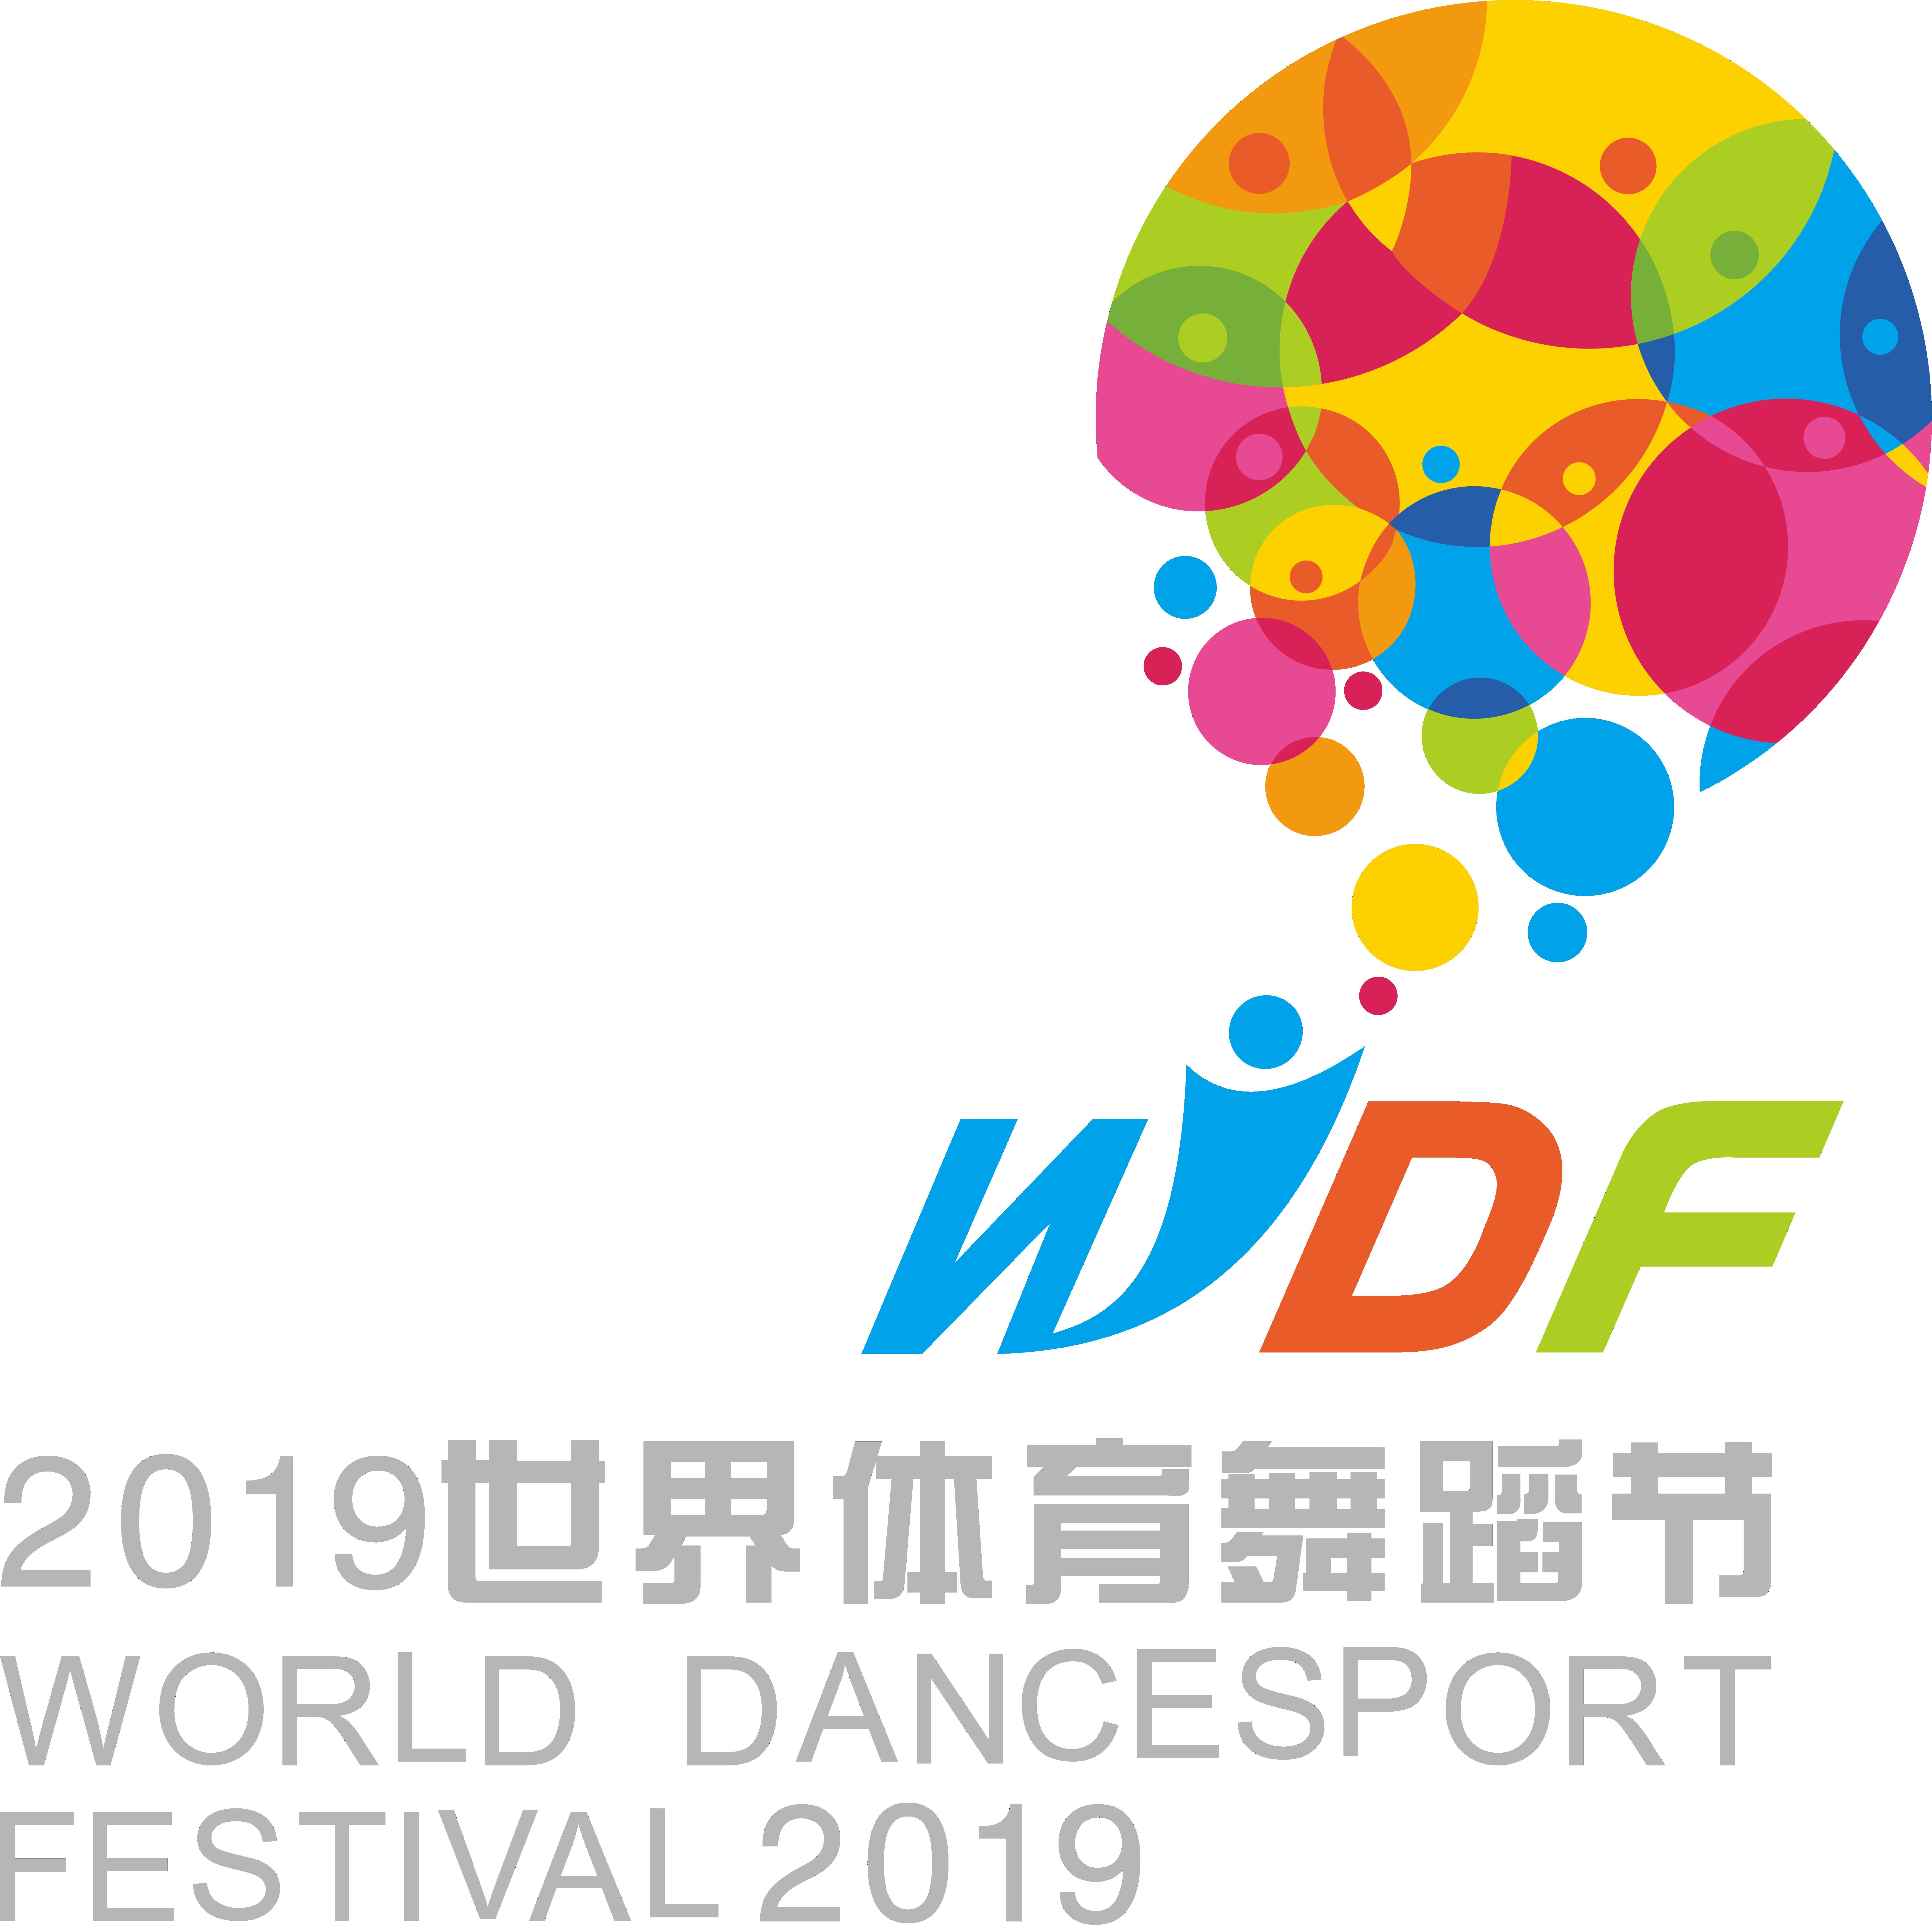 2019年世界体育舞蹈节文创产品投票通道